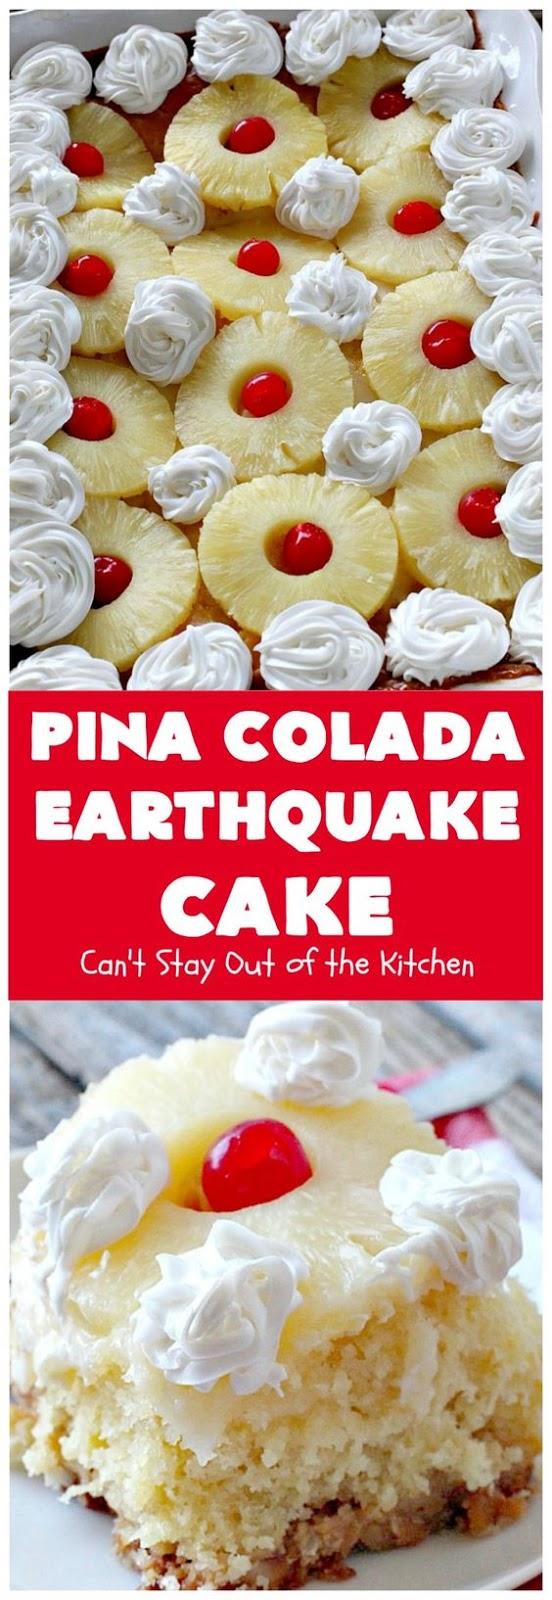 PINA COLADA EARTHQUAKE CAKE